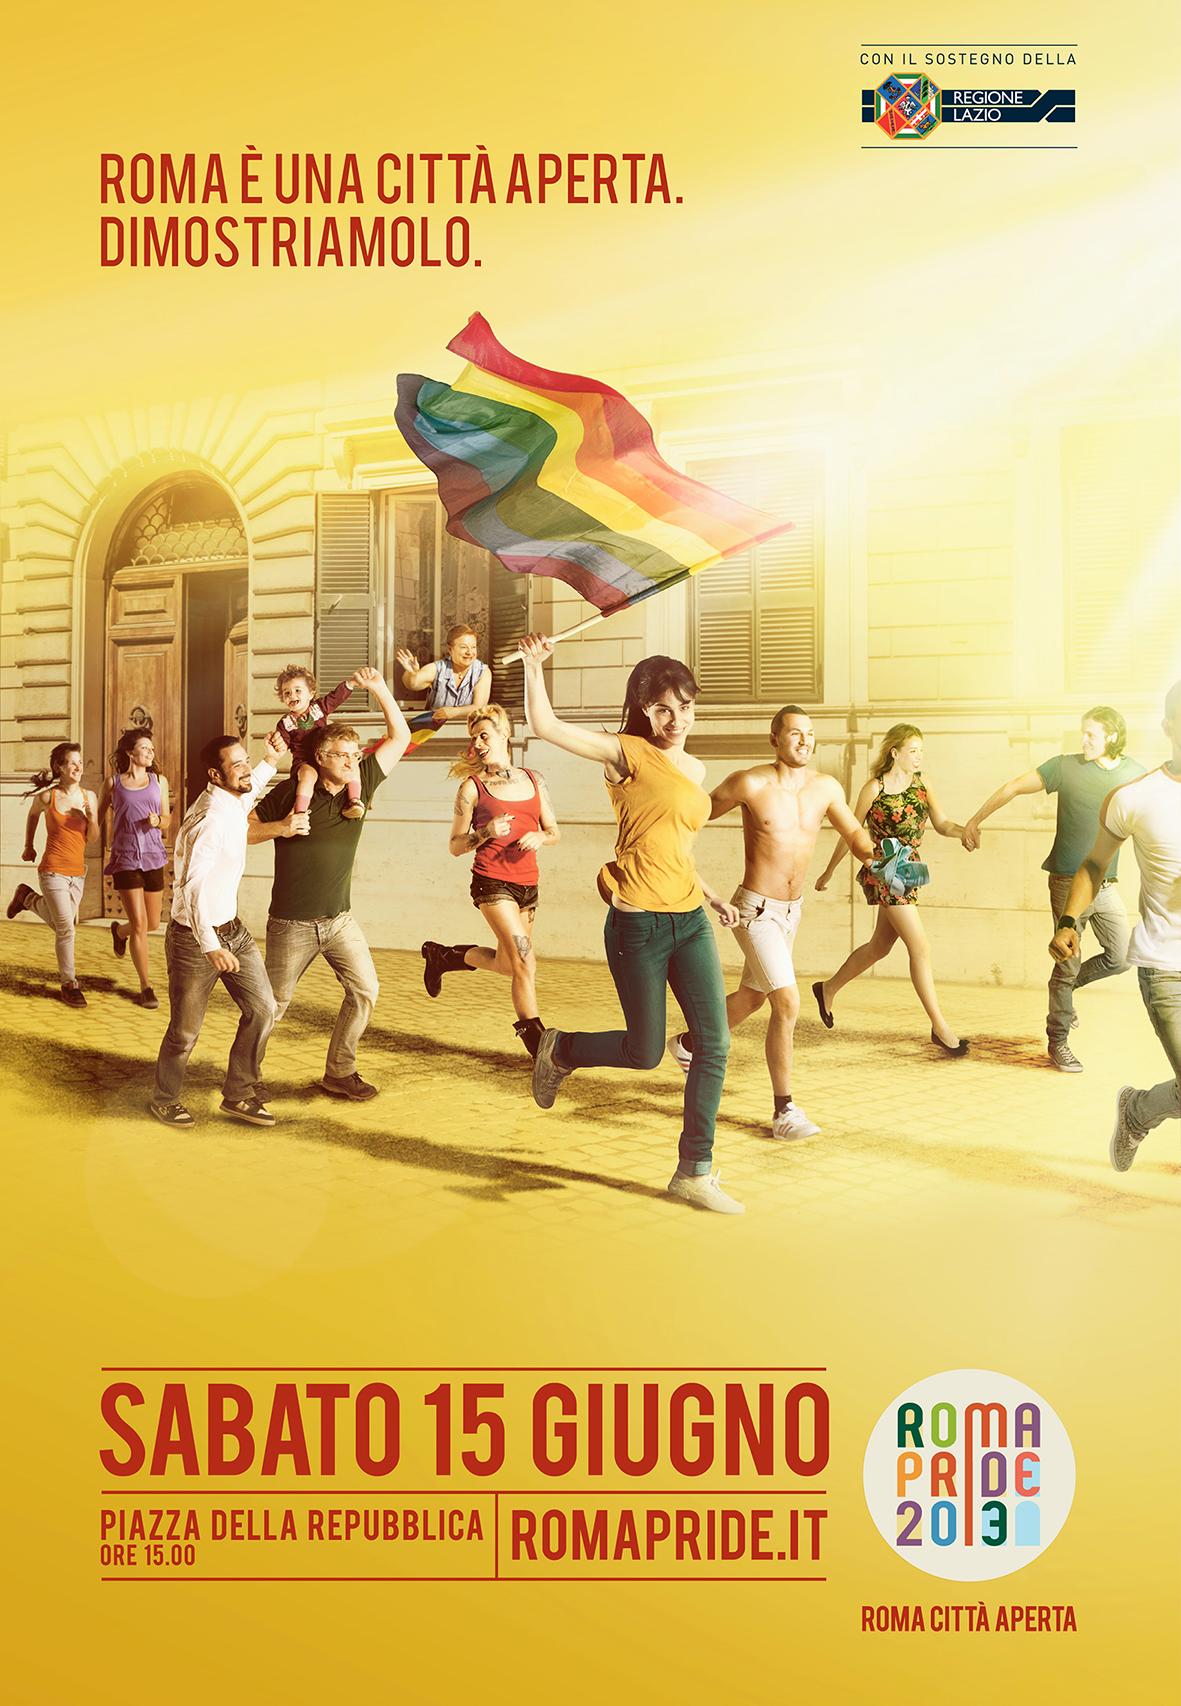 Roma è una città aperta. Dimostriamolo.